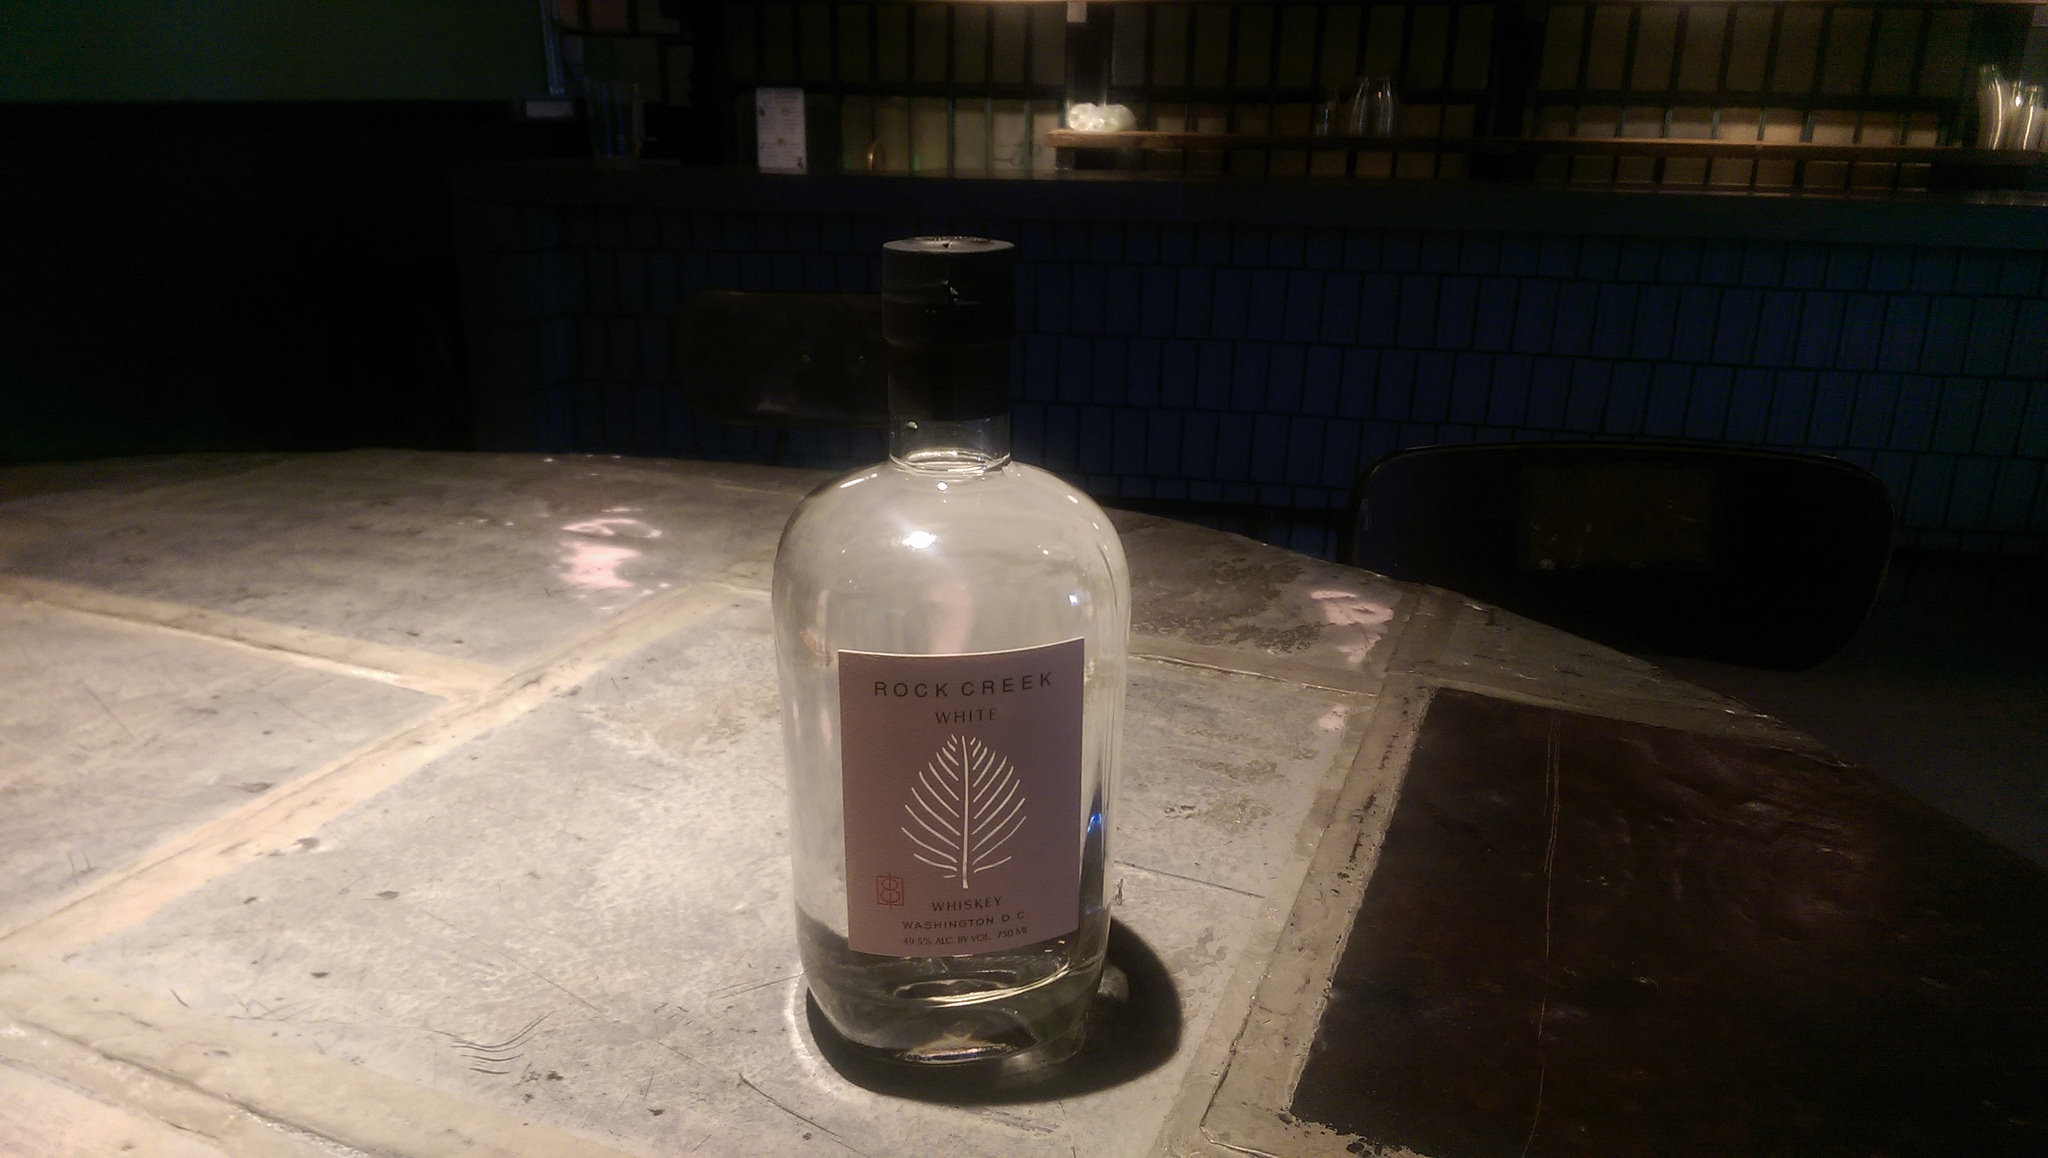 Rock Creek White Whiskey